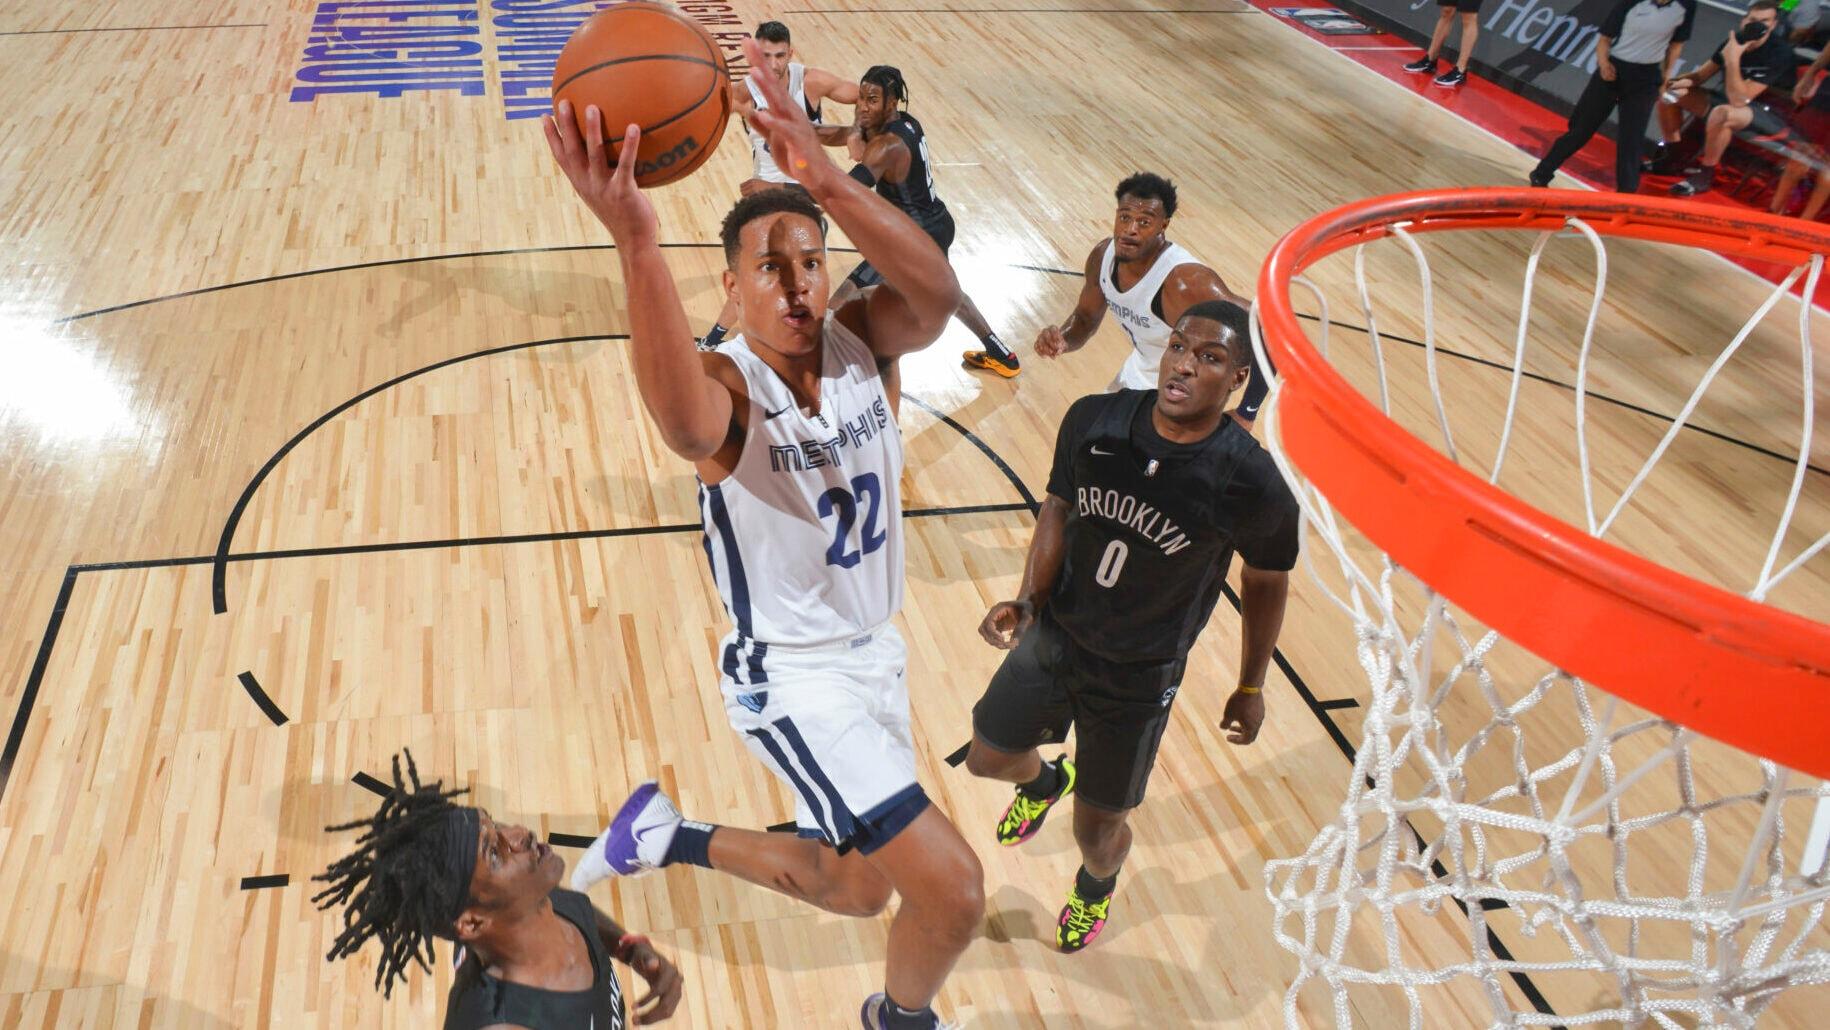 Las Vegas Summer League: Bane, Tillman carry Grizzlies past Nets